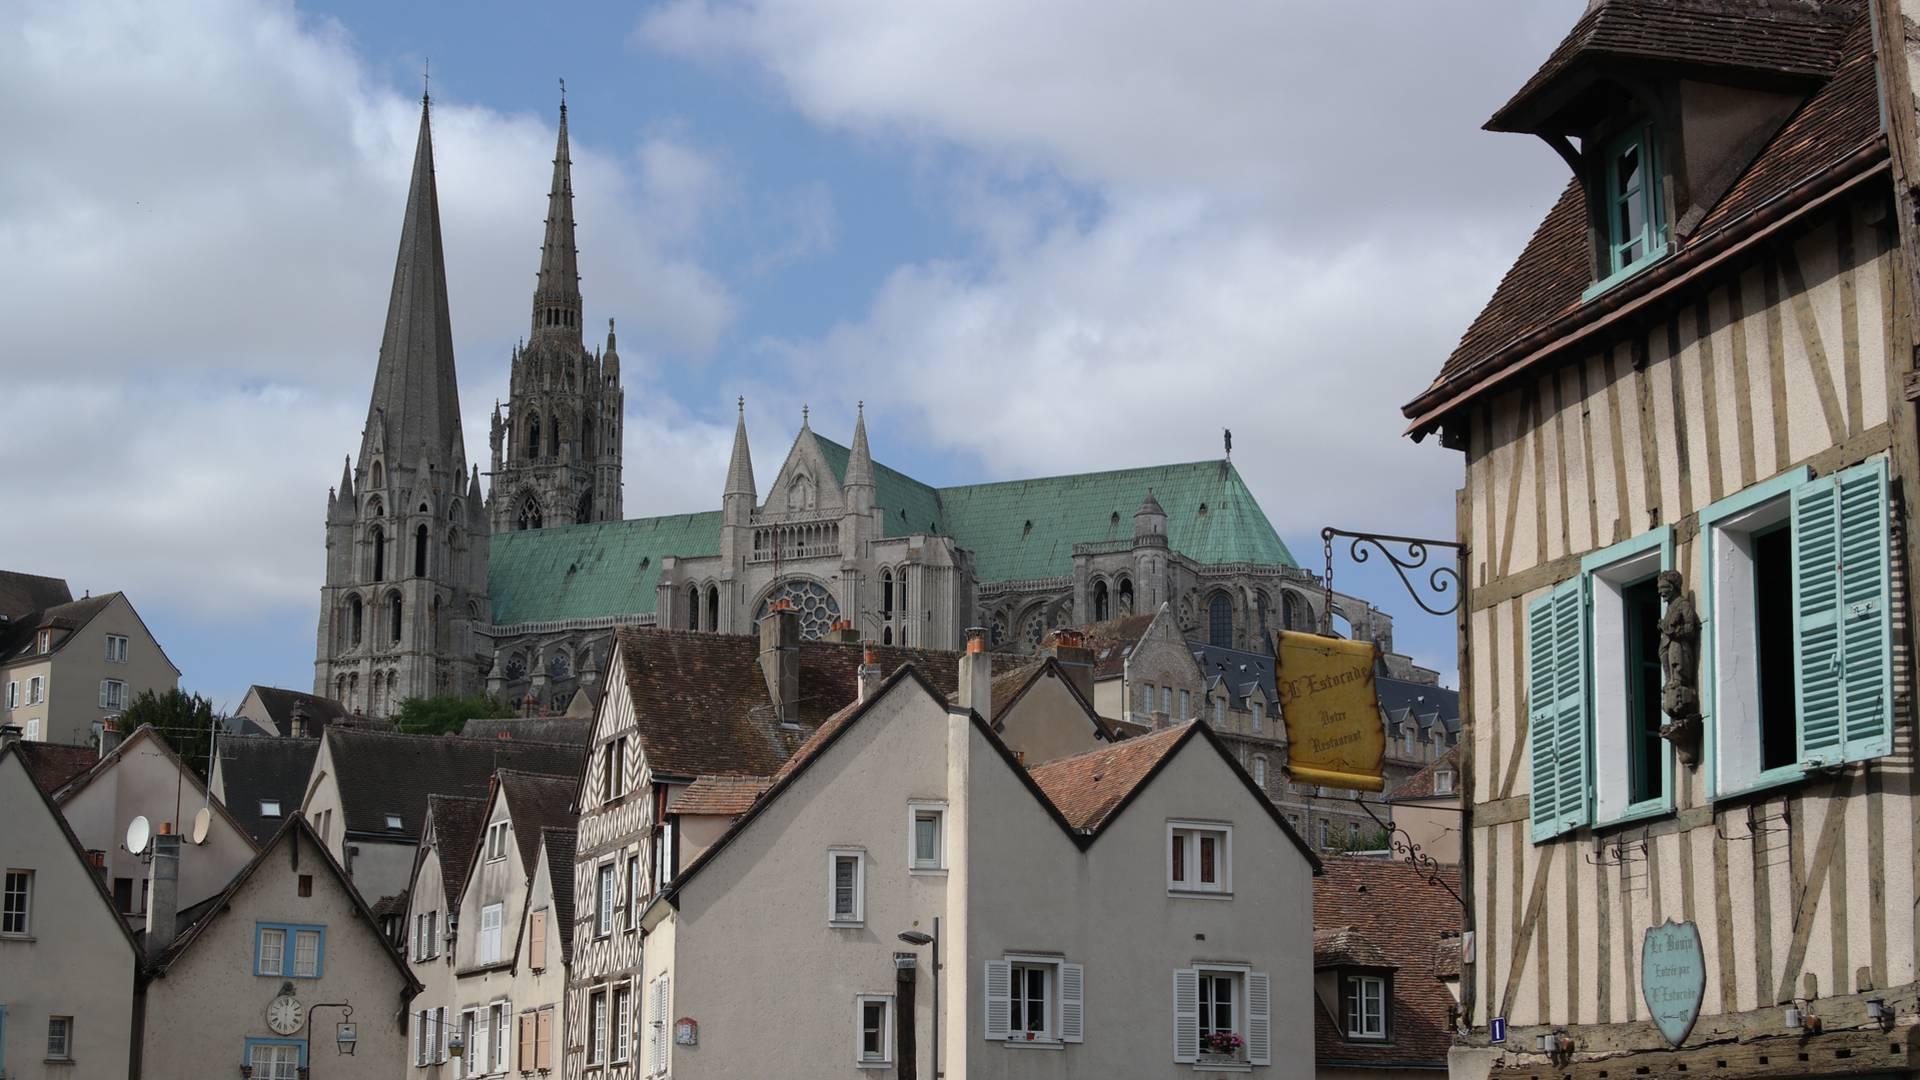 Vue de la cathédrale de Chartres dans la rue de la Porte Guillaume